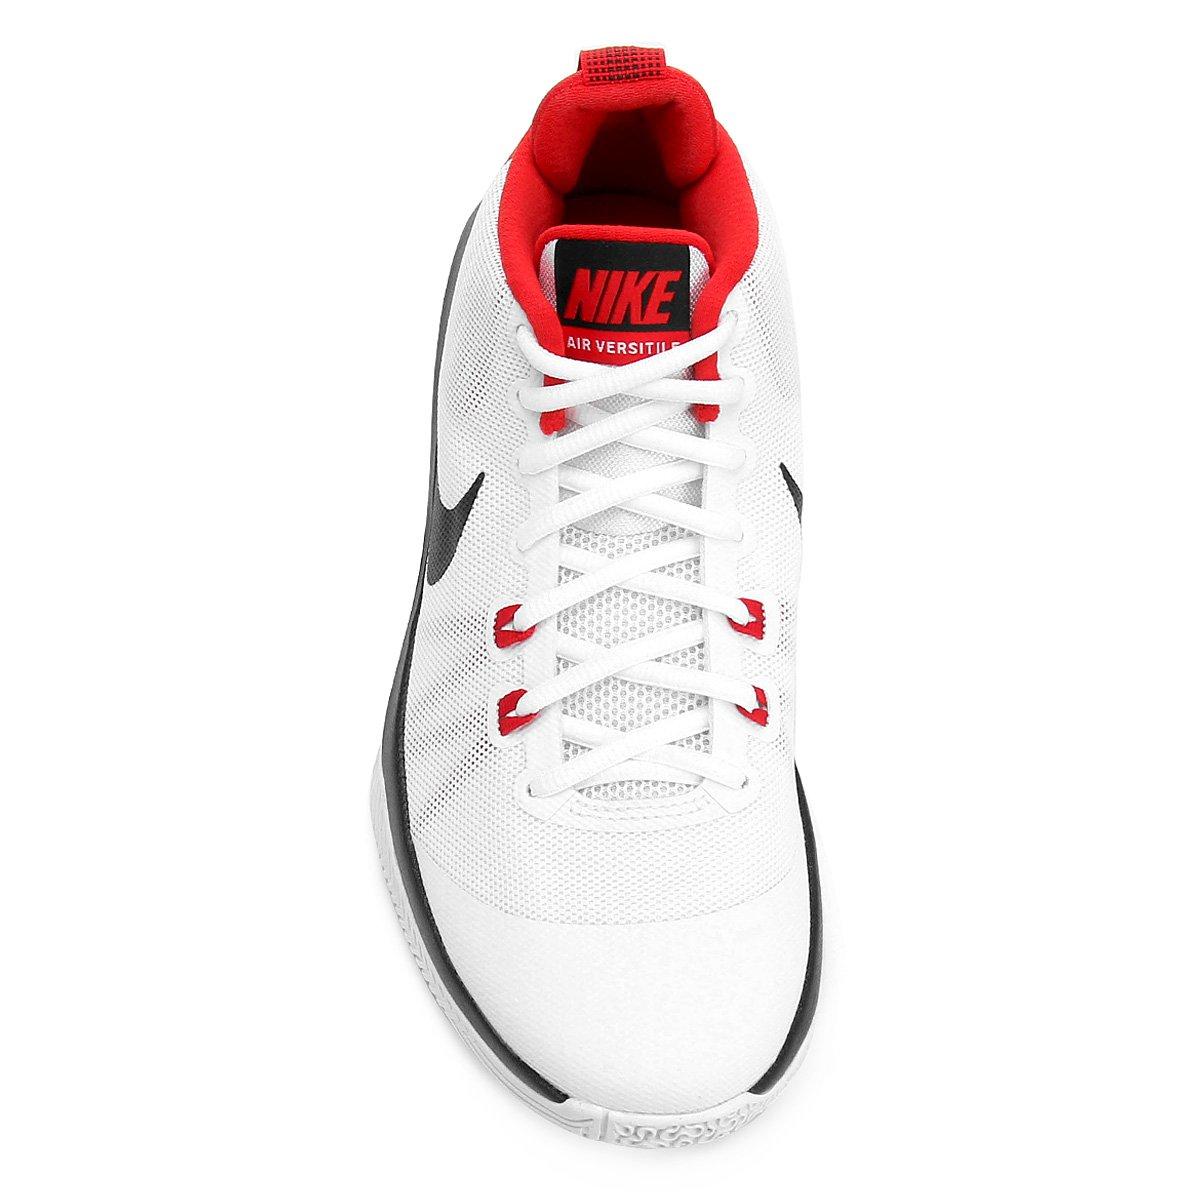 597e6affd3 Tênis Nike Air Versitile Masculino - Branco e Vermelho - Compre ...